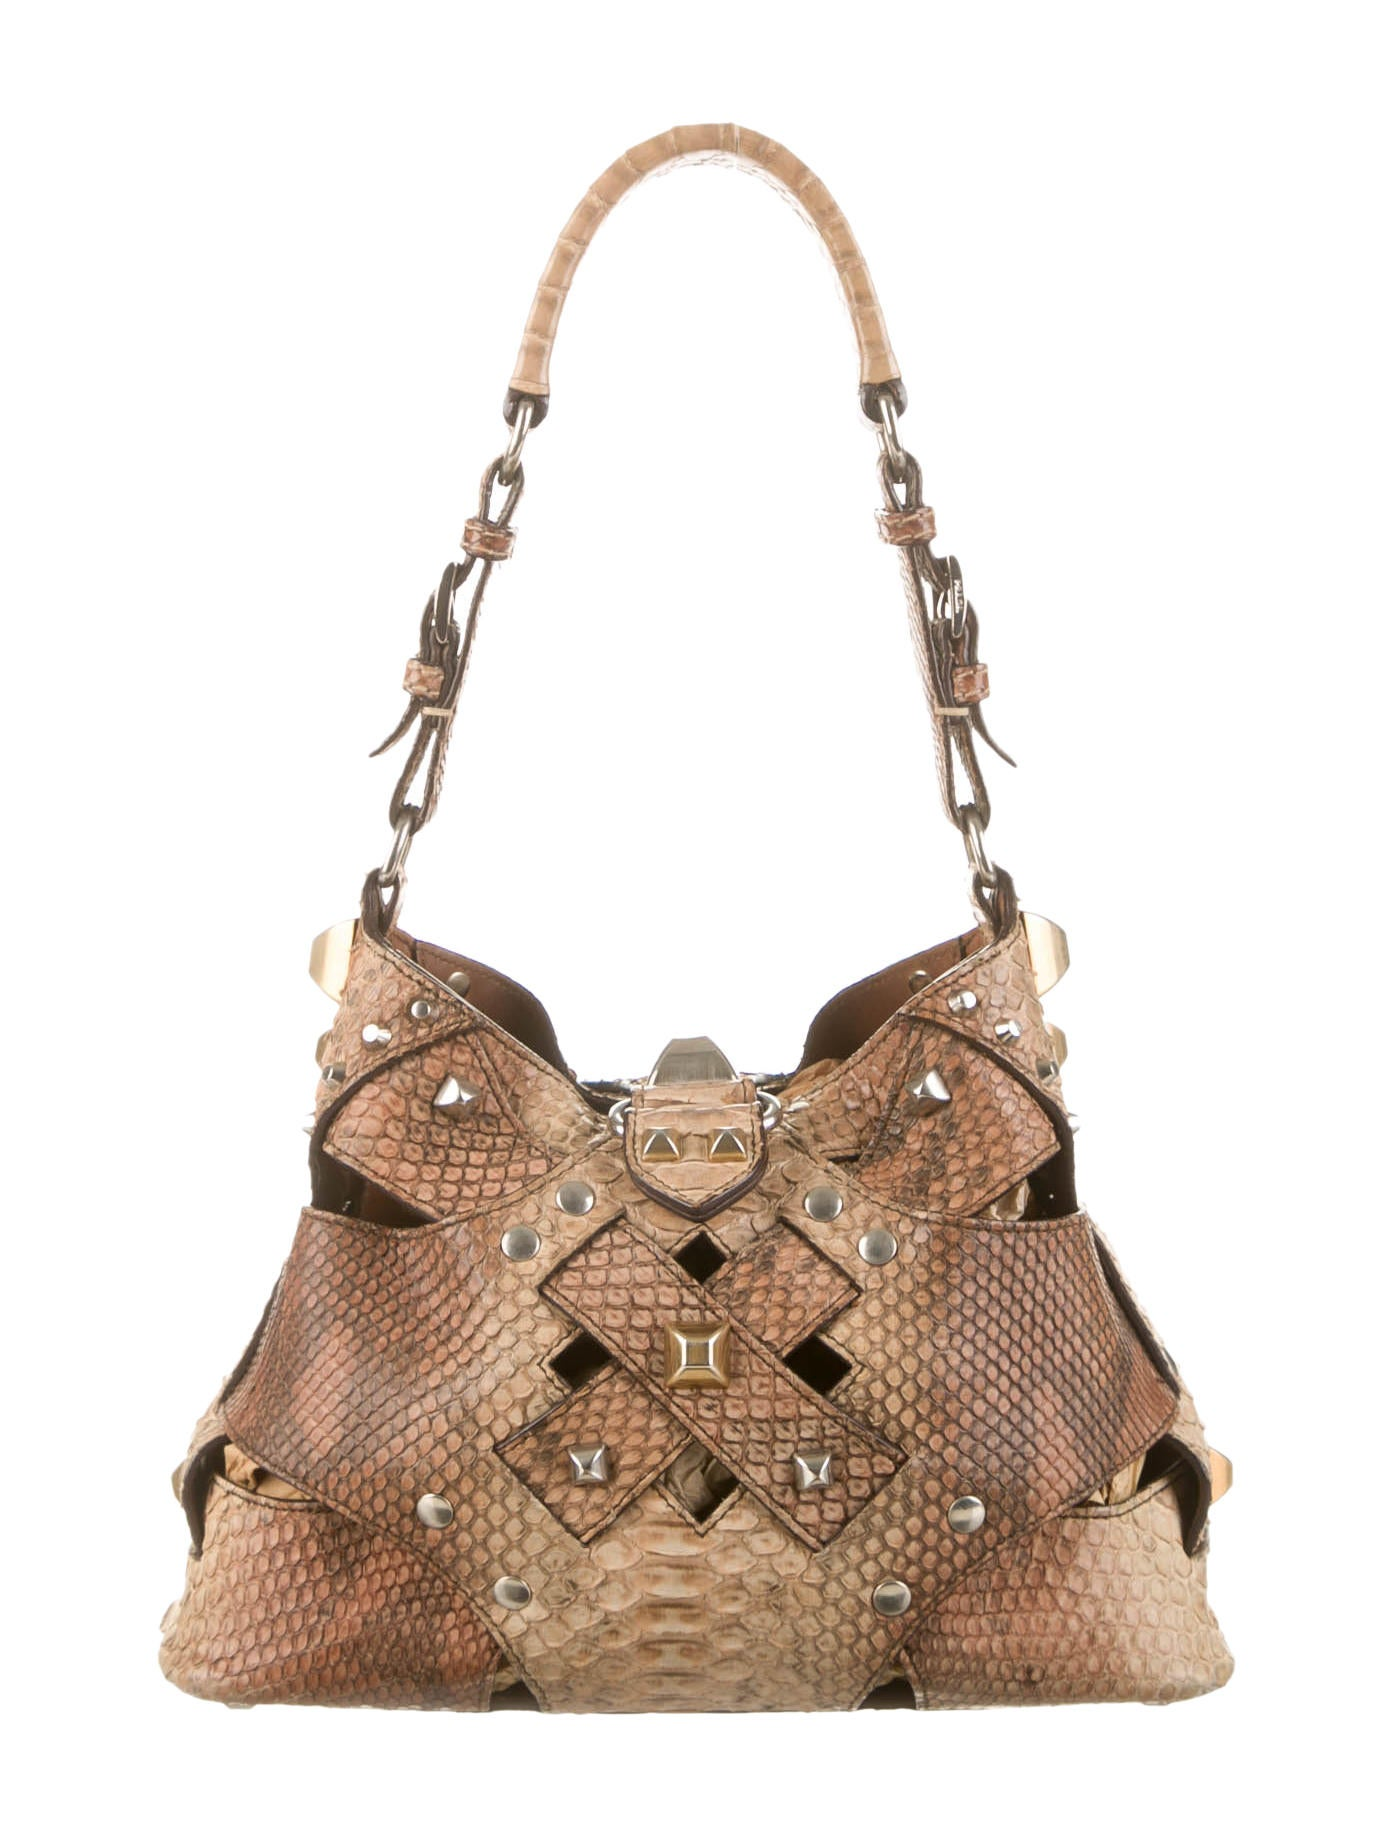 Prada Studded Python Bucket Bag - Handbags - PRA62576 | The RealReal